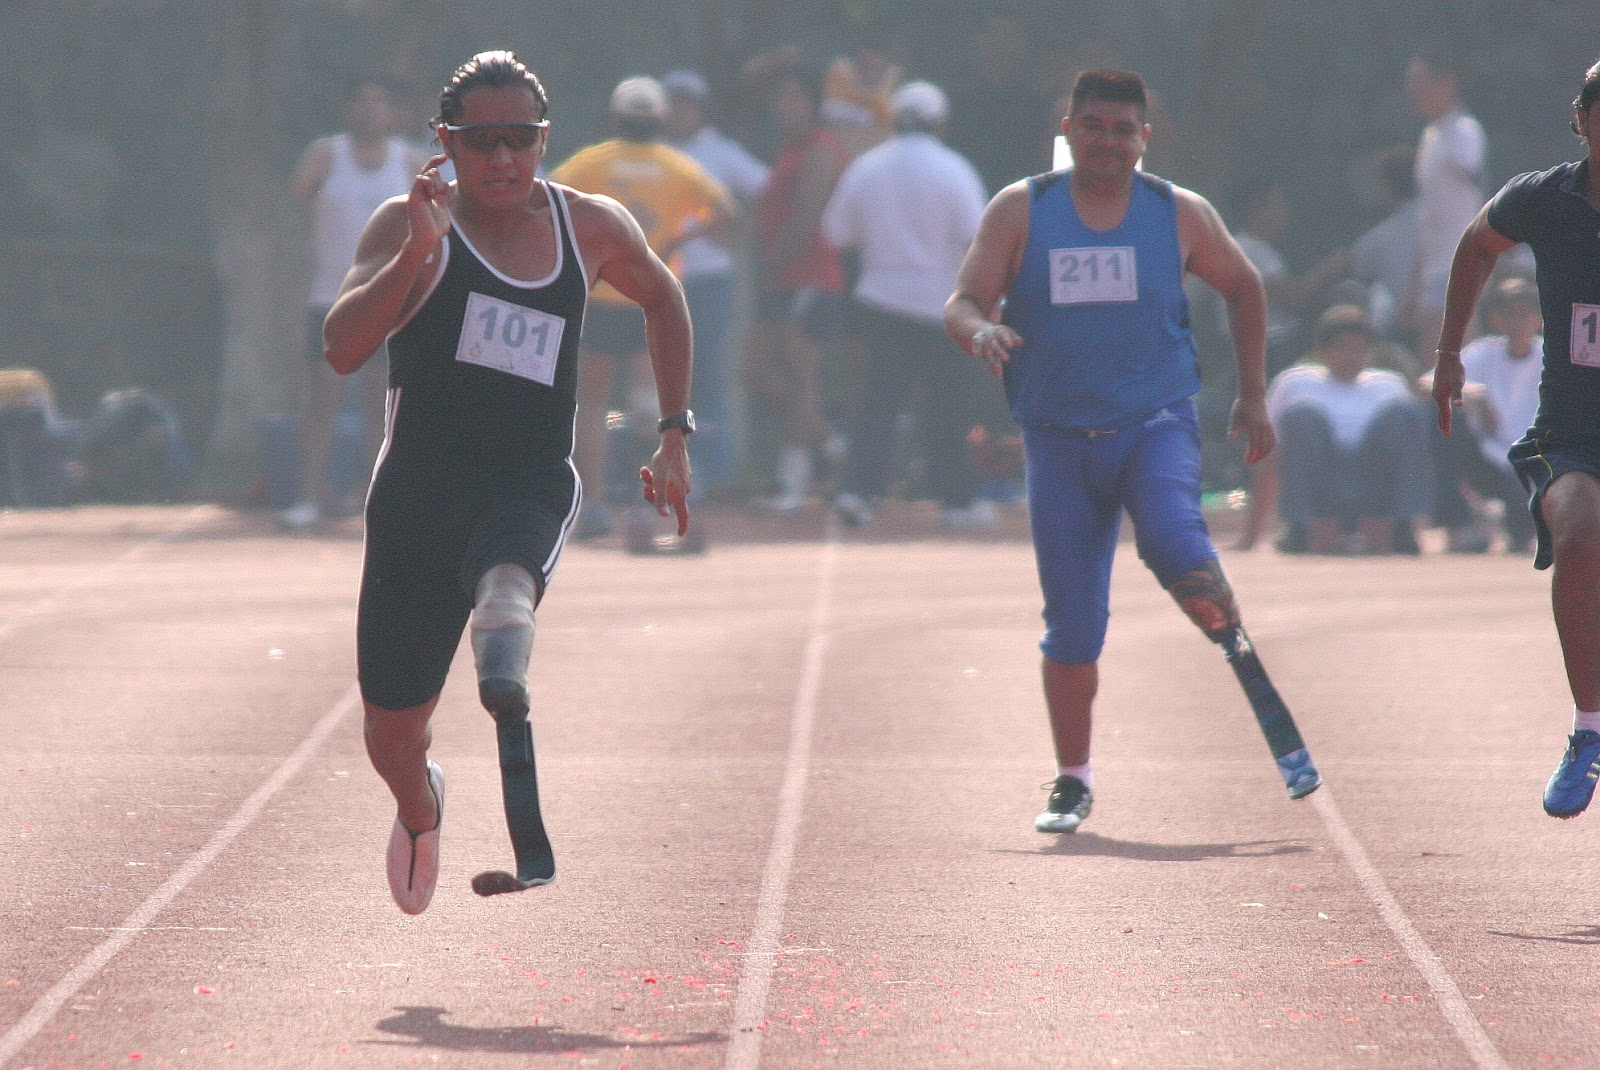 Imagen de Josue imponiendo el record mexicano en 100 metros con un tiempo de 11.91 segundos mas rapido que muchos atletas amateur sin discapacidad.